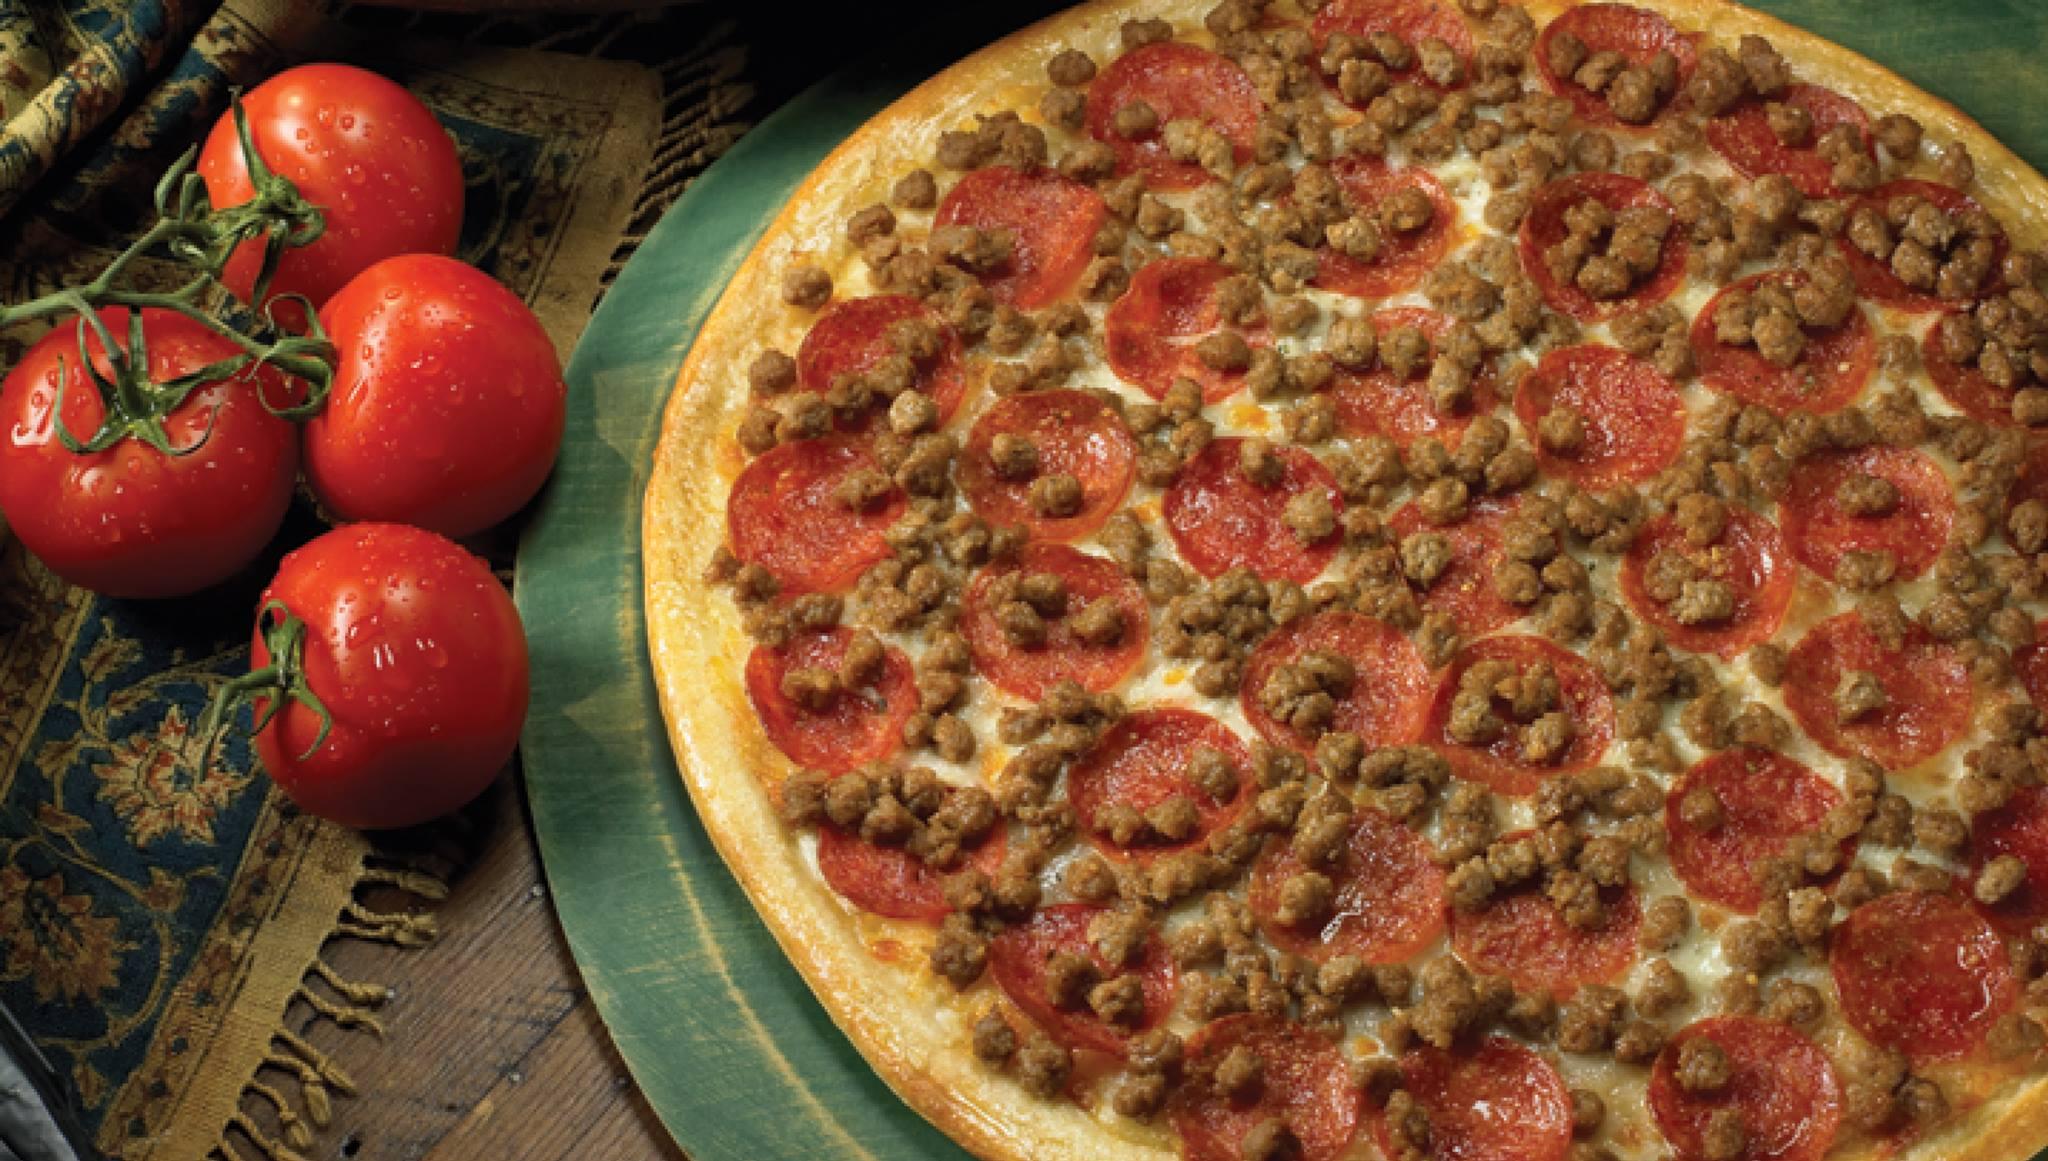 A pie from Mr. Gatti's